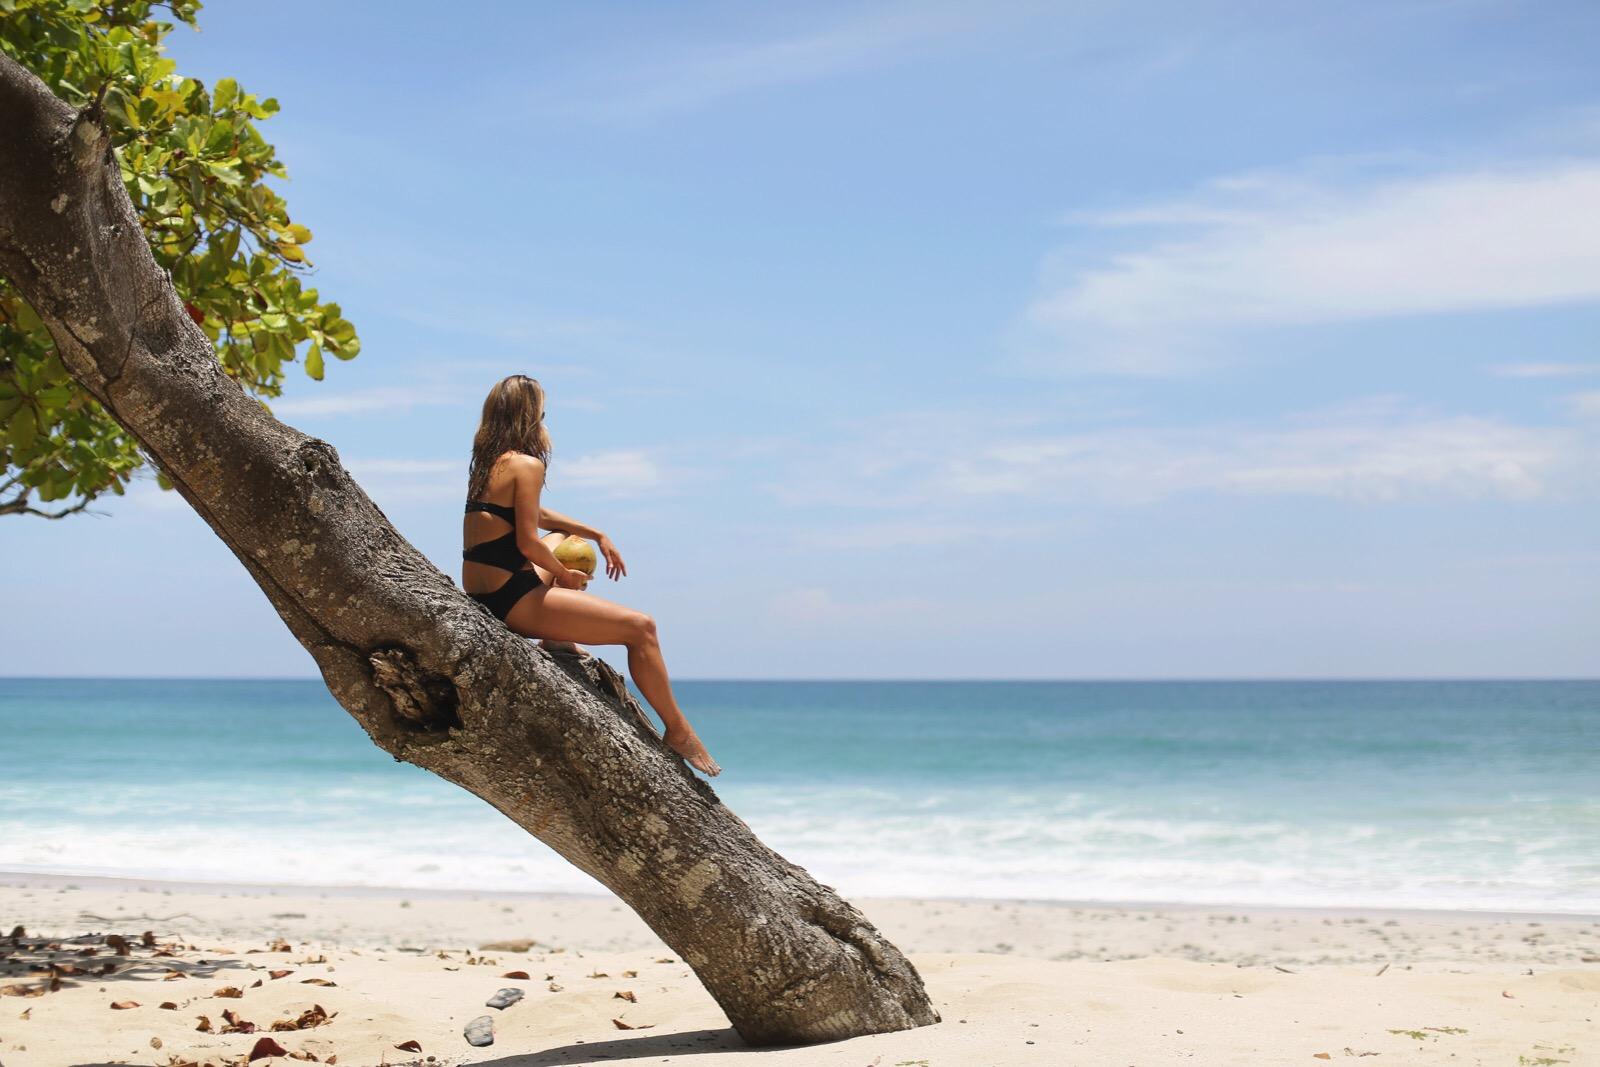 clochet_trikini_costarica_travel